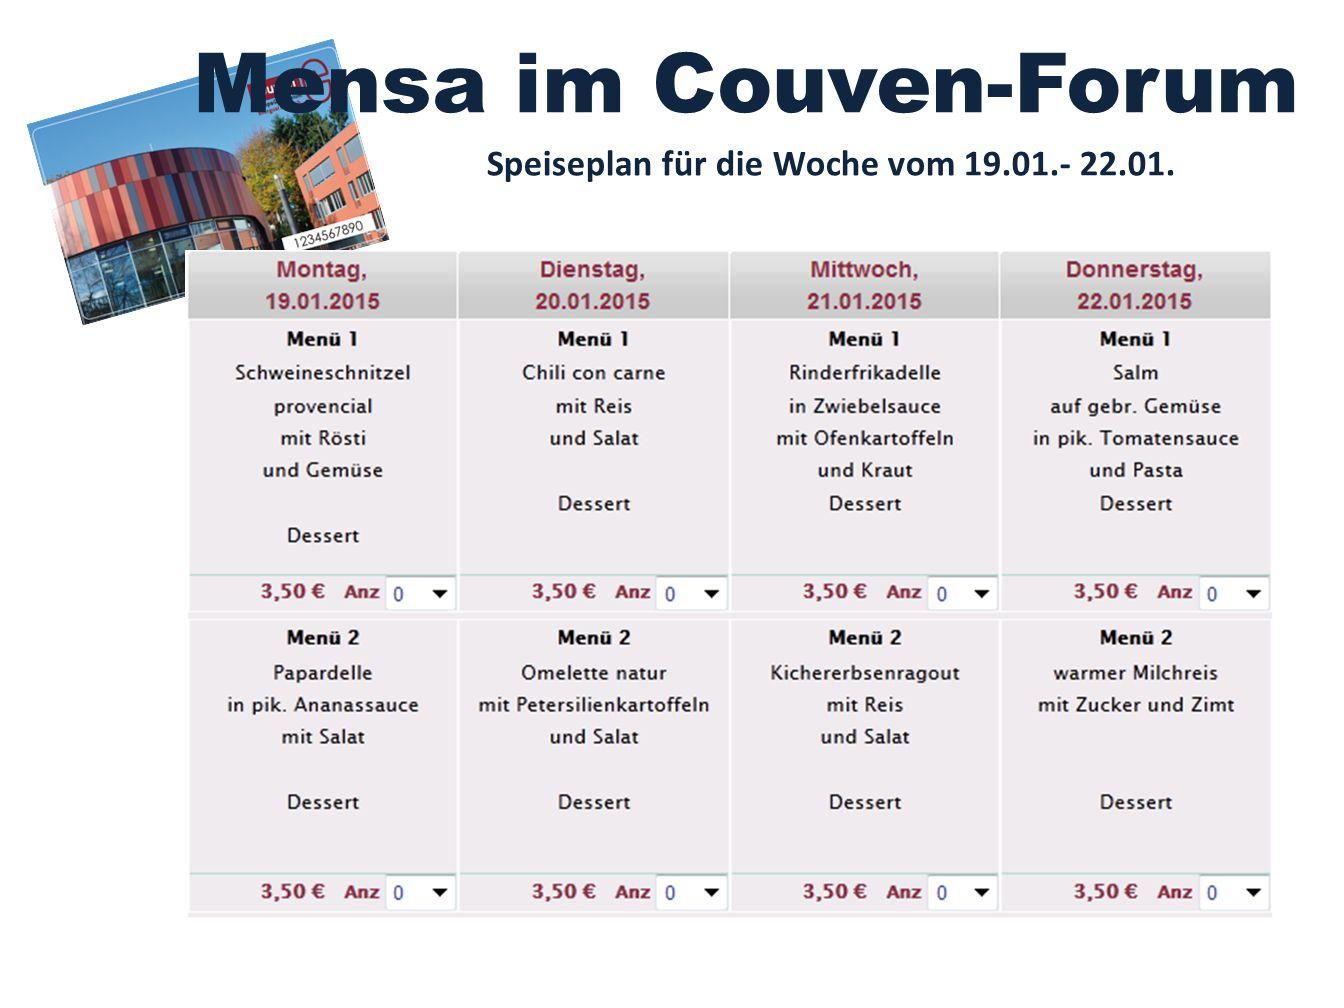 Mensa im Couven-Forum Speiseplan für die Woche vom 19.01.- 22.01.